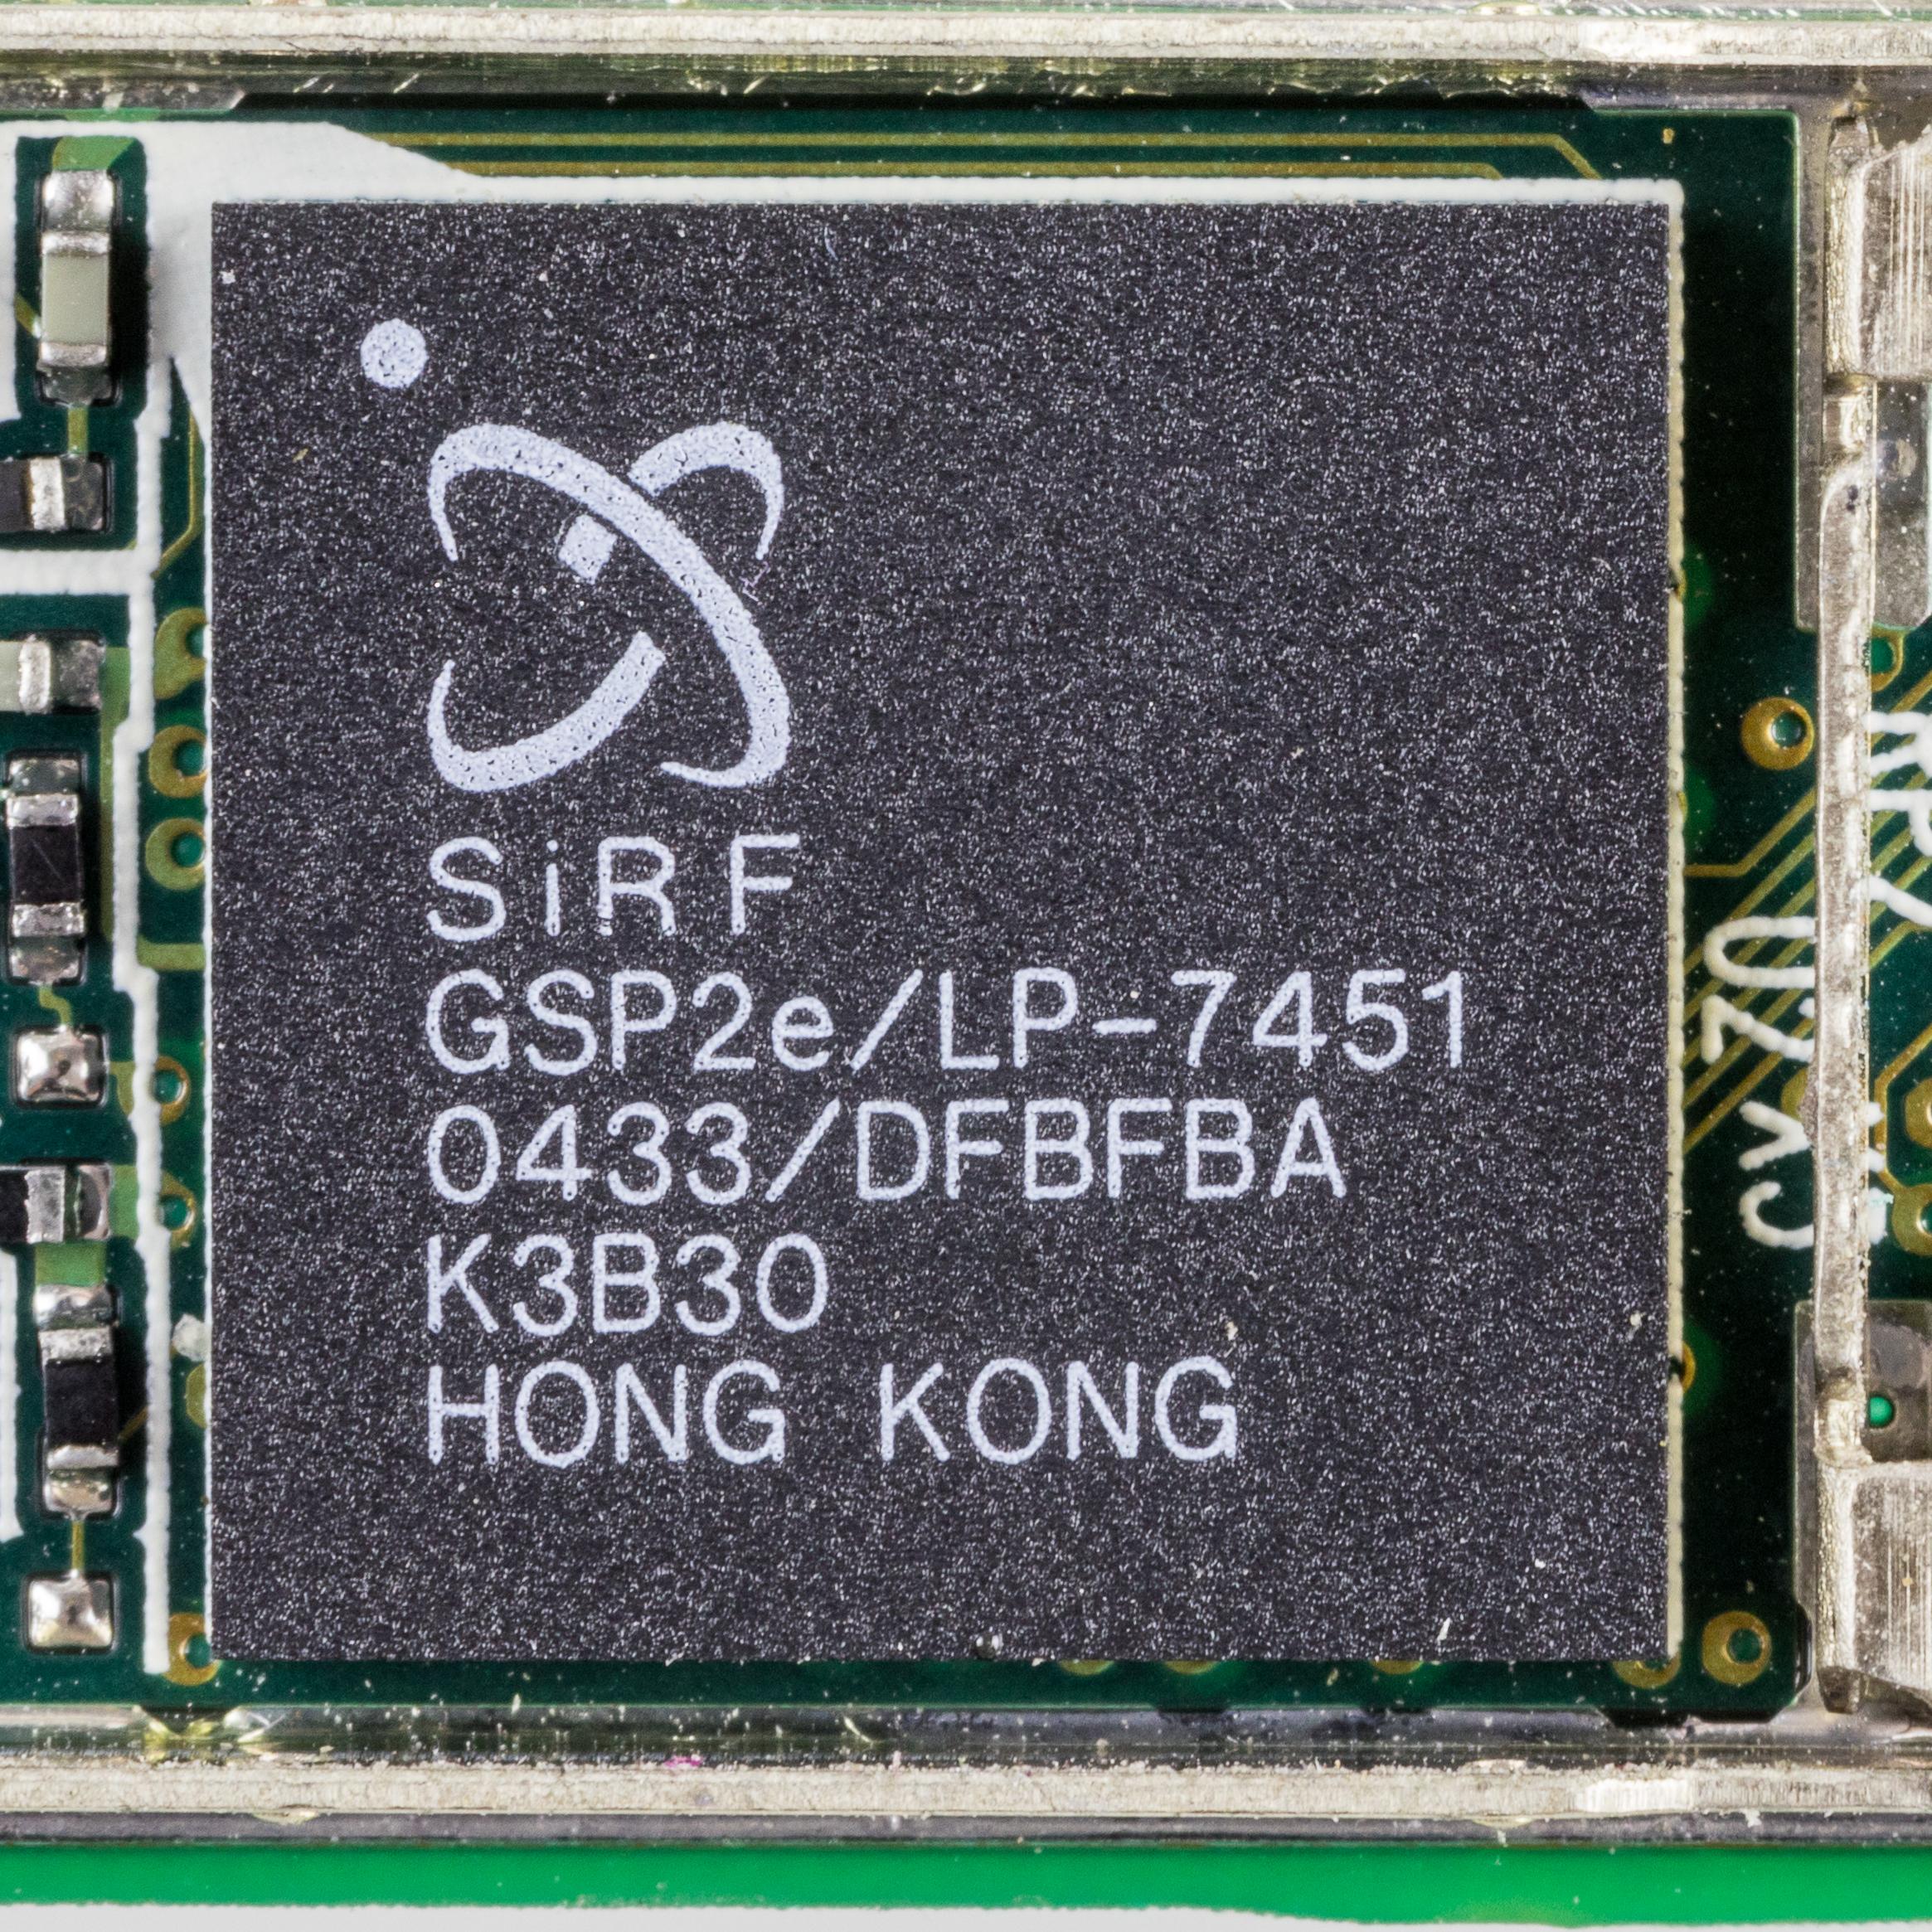 SiRF - Wikipedia